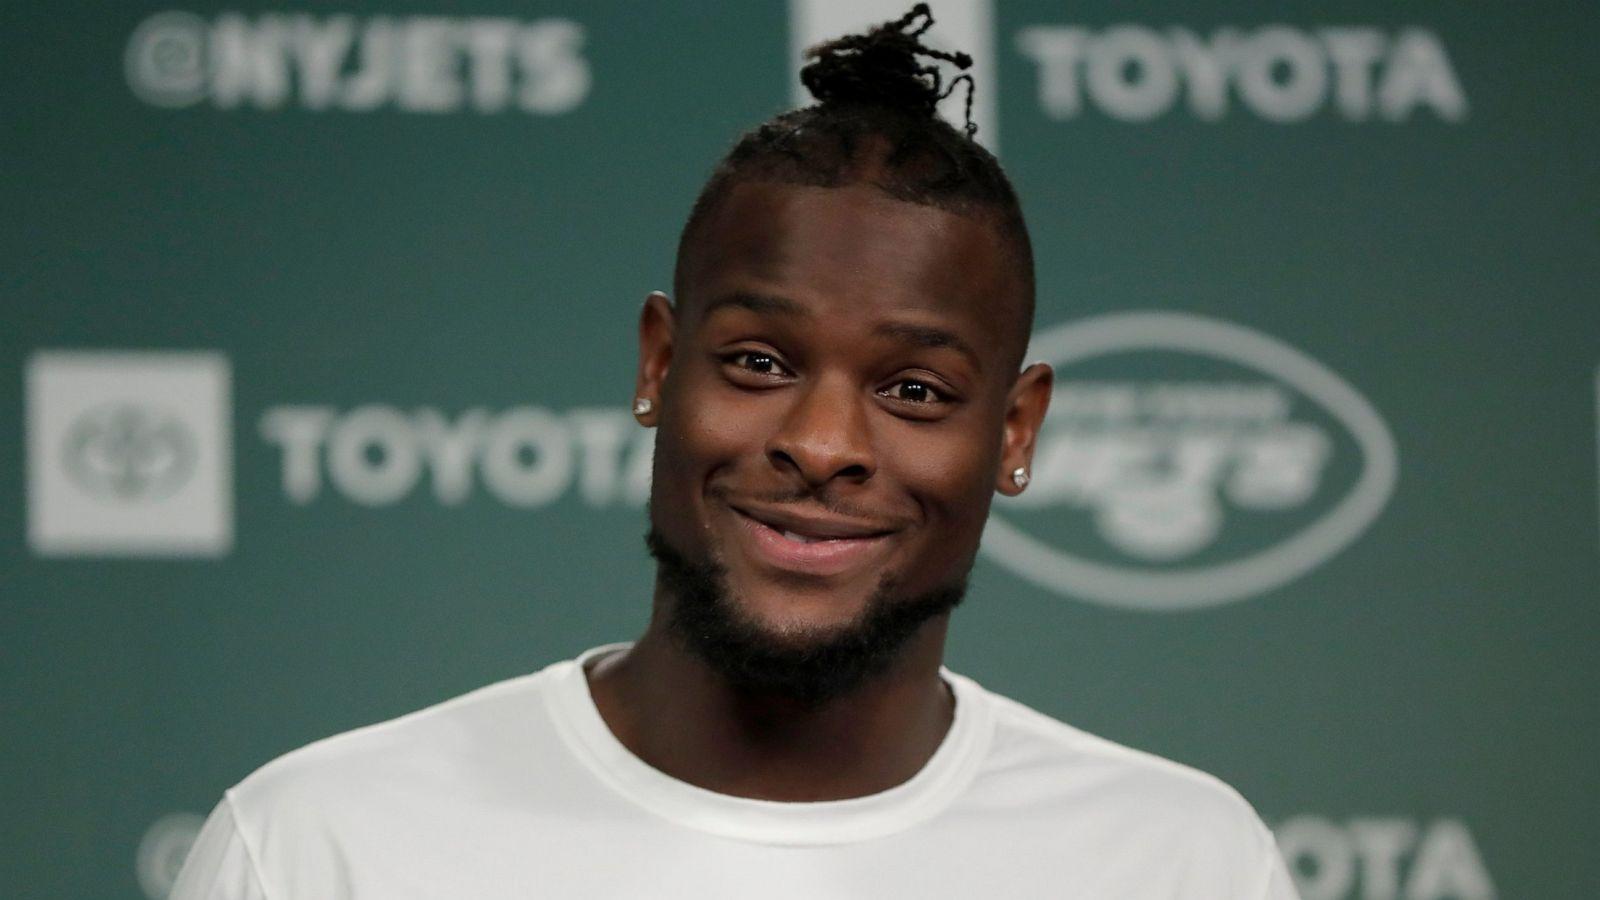 Le'Veon Bell NY Jets